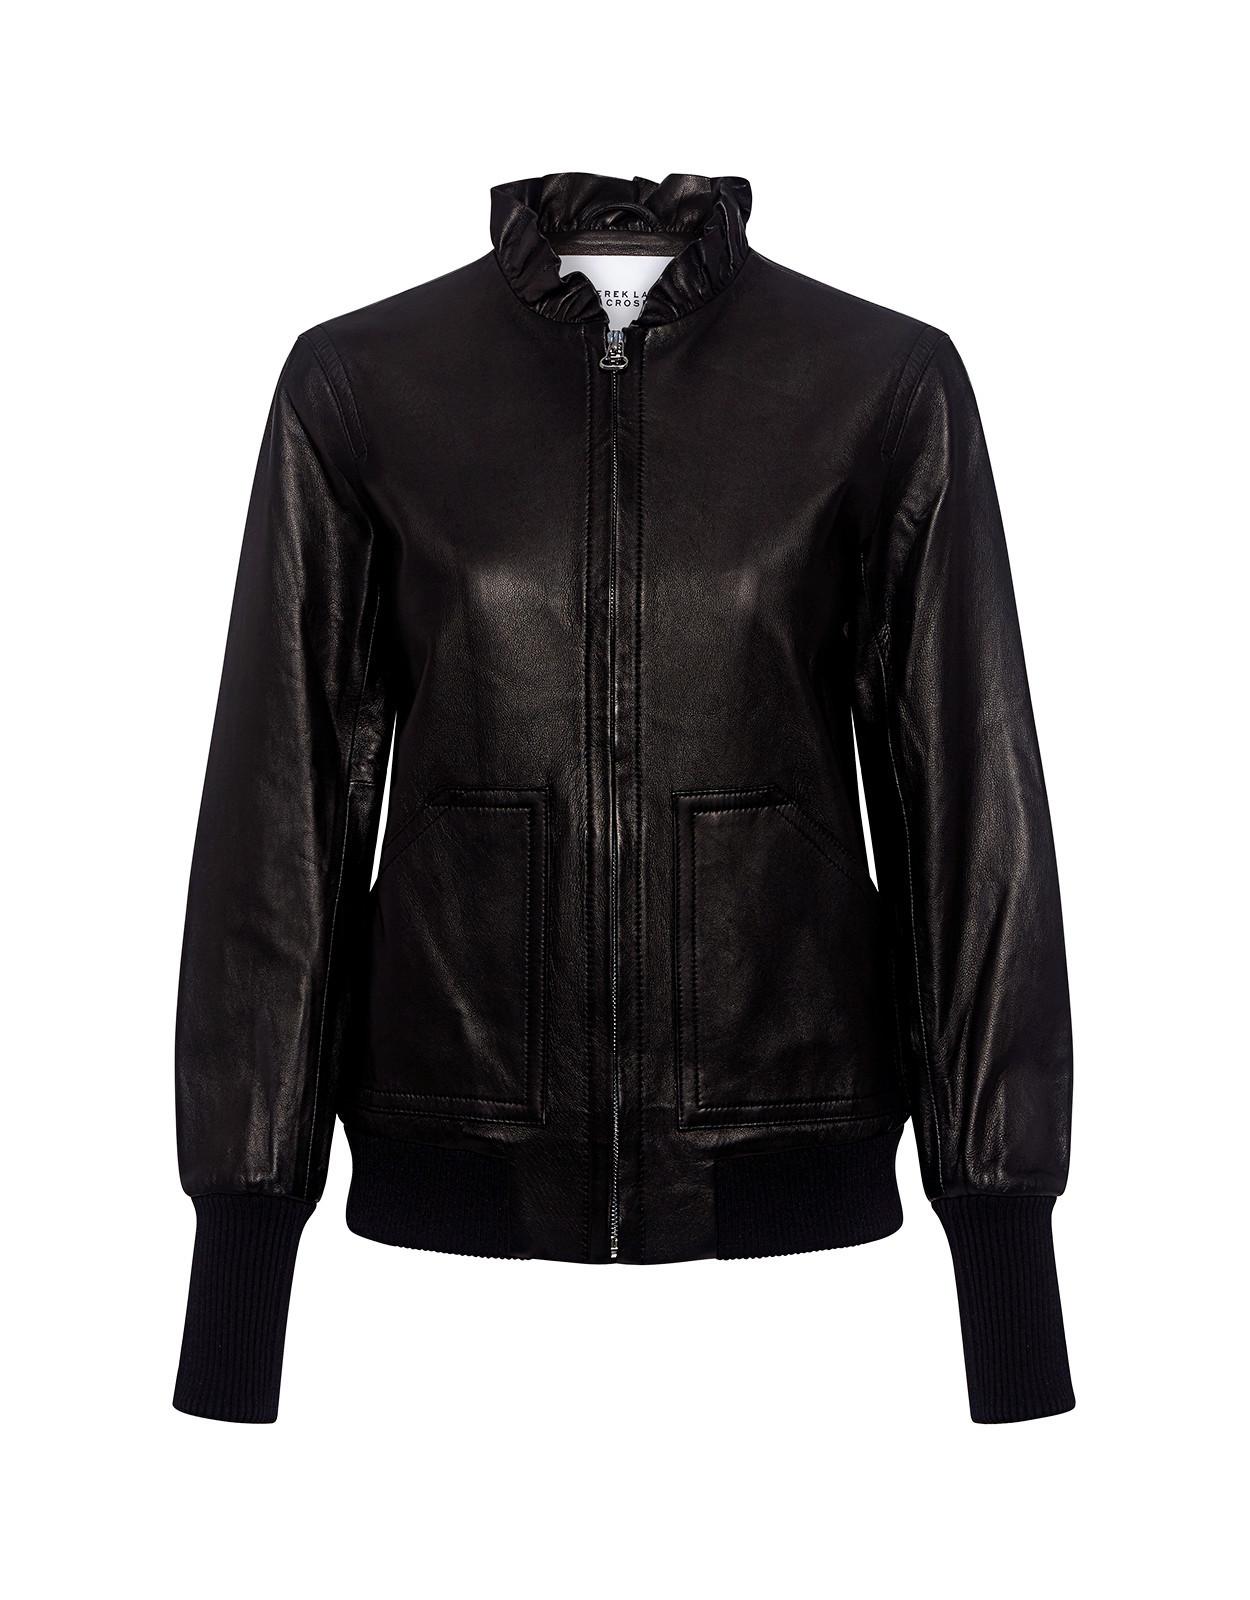 Ruffled Collar Leather Bomber Jacket Black